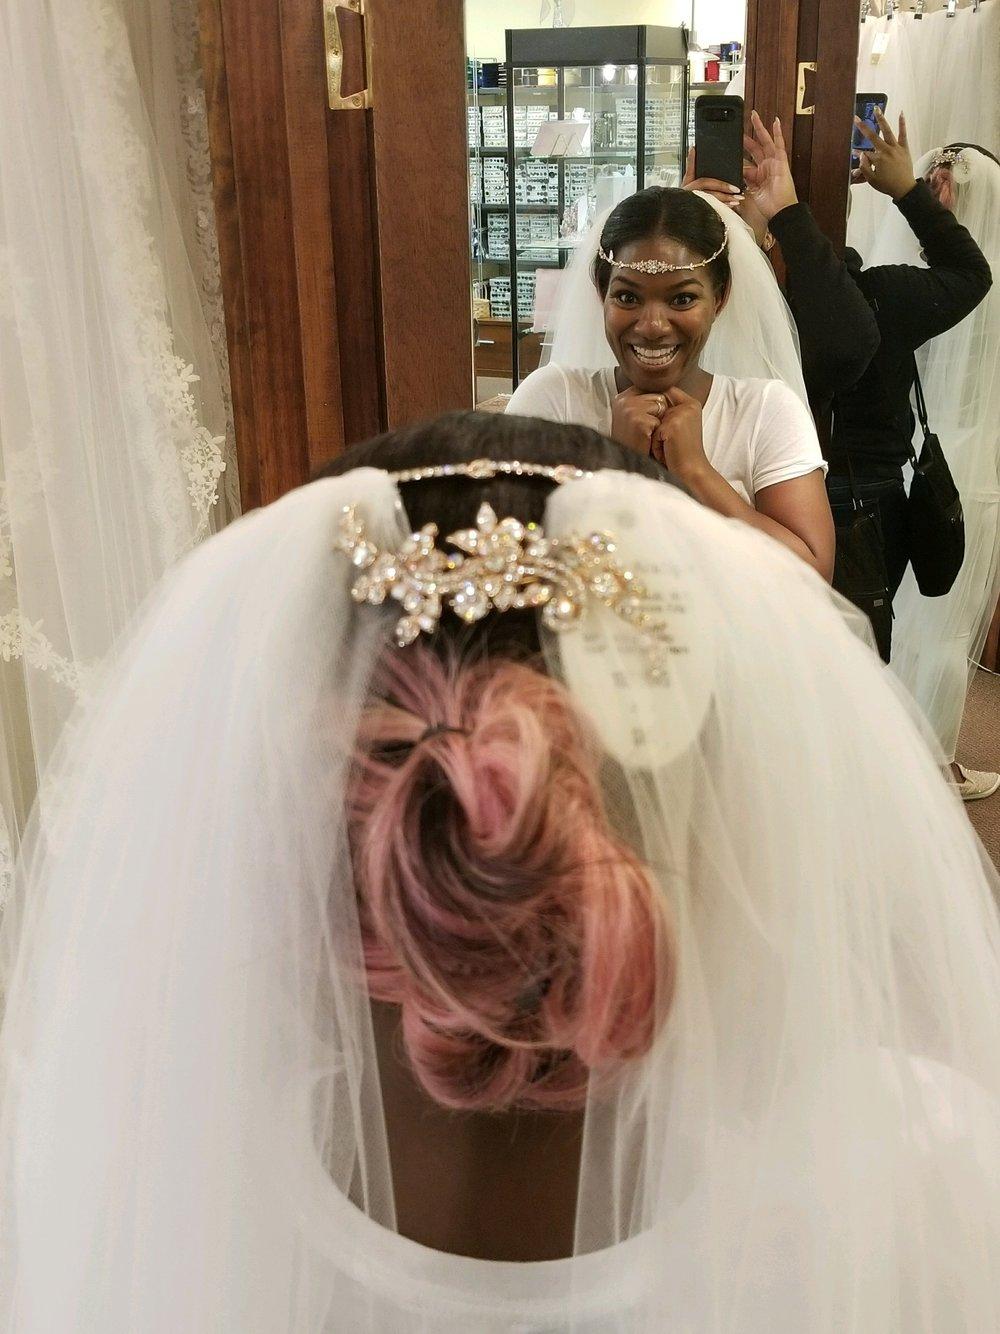 Black Destination Bride - BlackDesti Wedding Journal - Bridefriends Podcast -16 Headpiece 2 veils yes 6.JPG